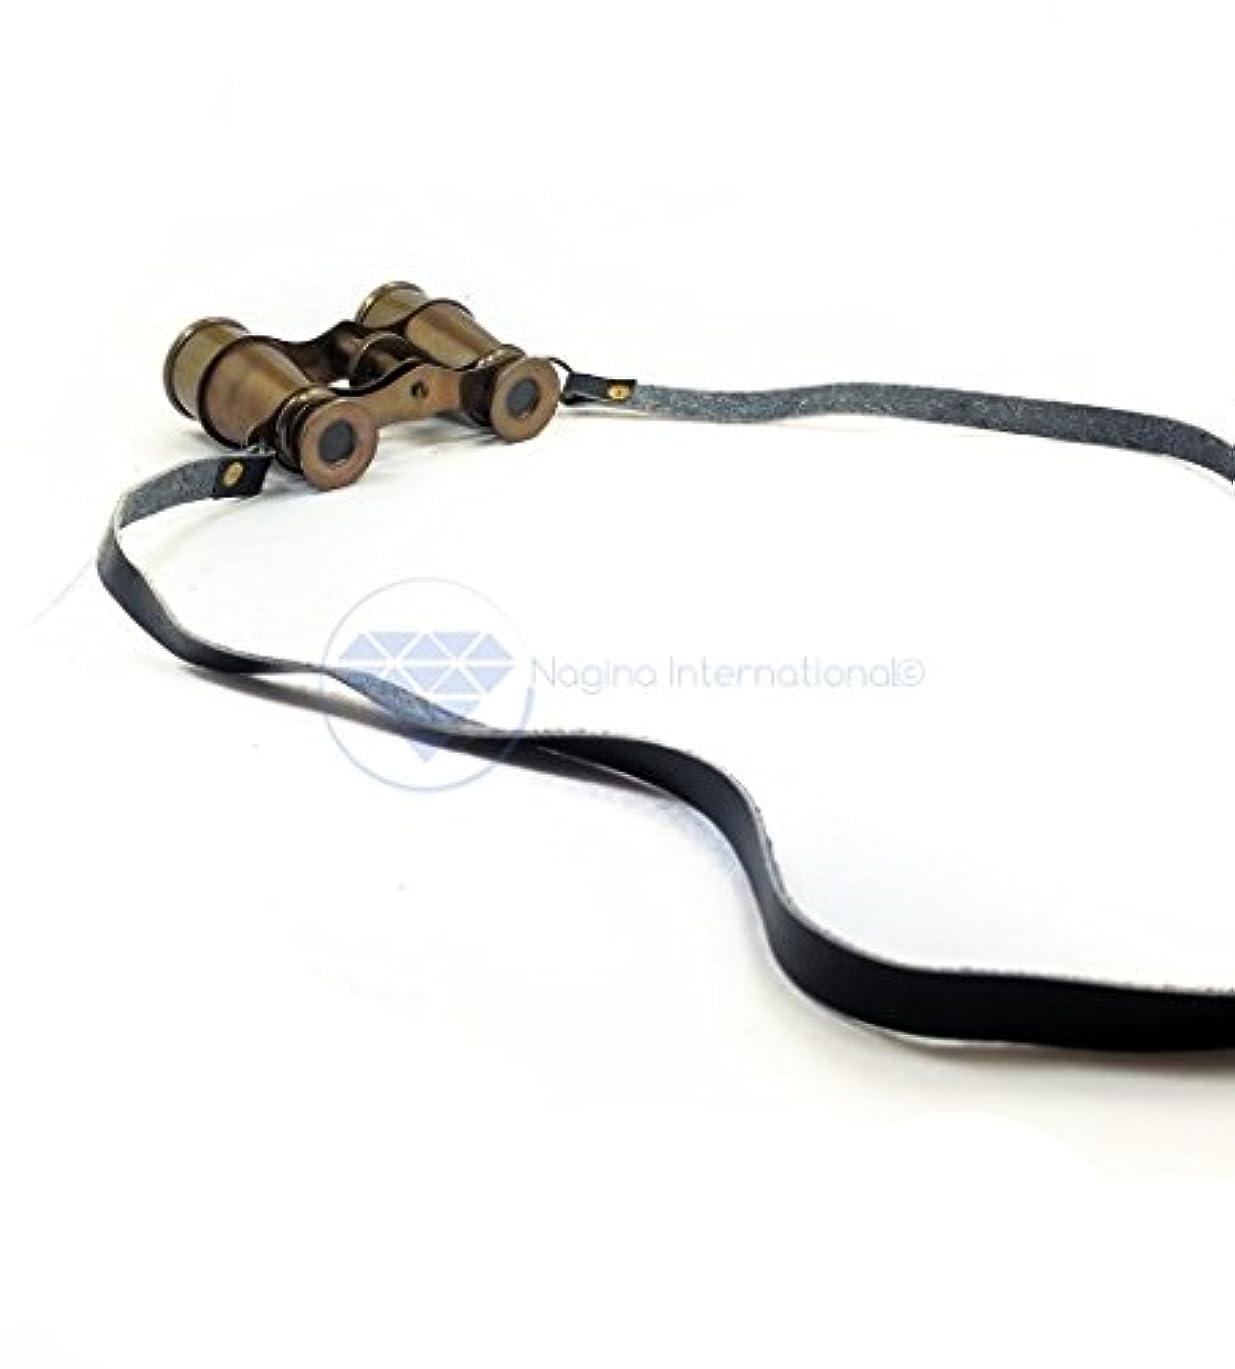 ずっと爪出席するNagina International 4インチ ソリッド アンティーク 真鍮 オペラグラス プレミアム航海素朴な双眼鏡 レザーストラップ付き